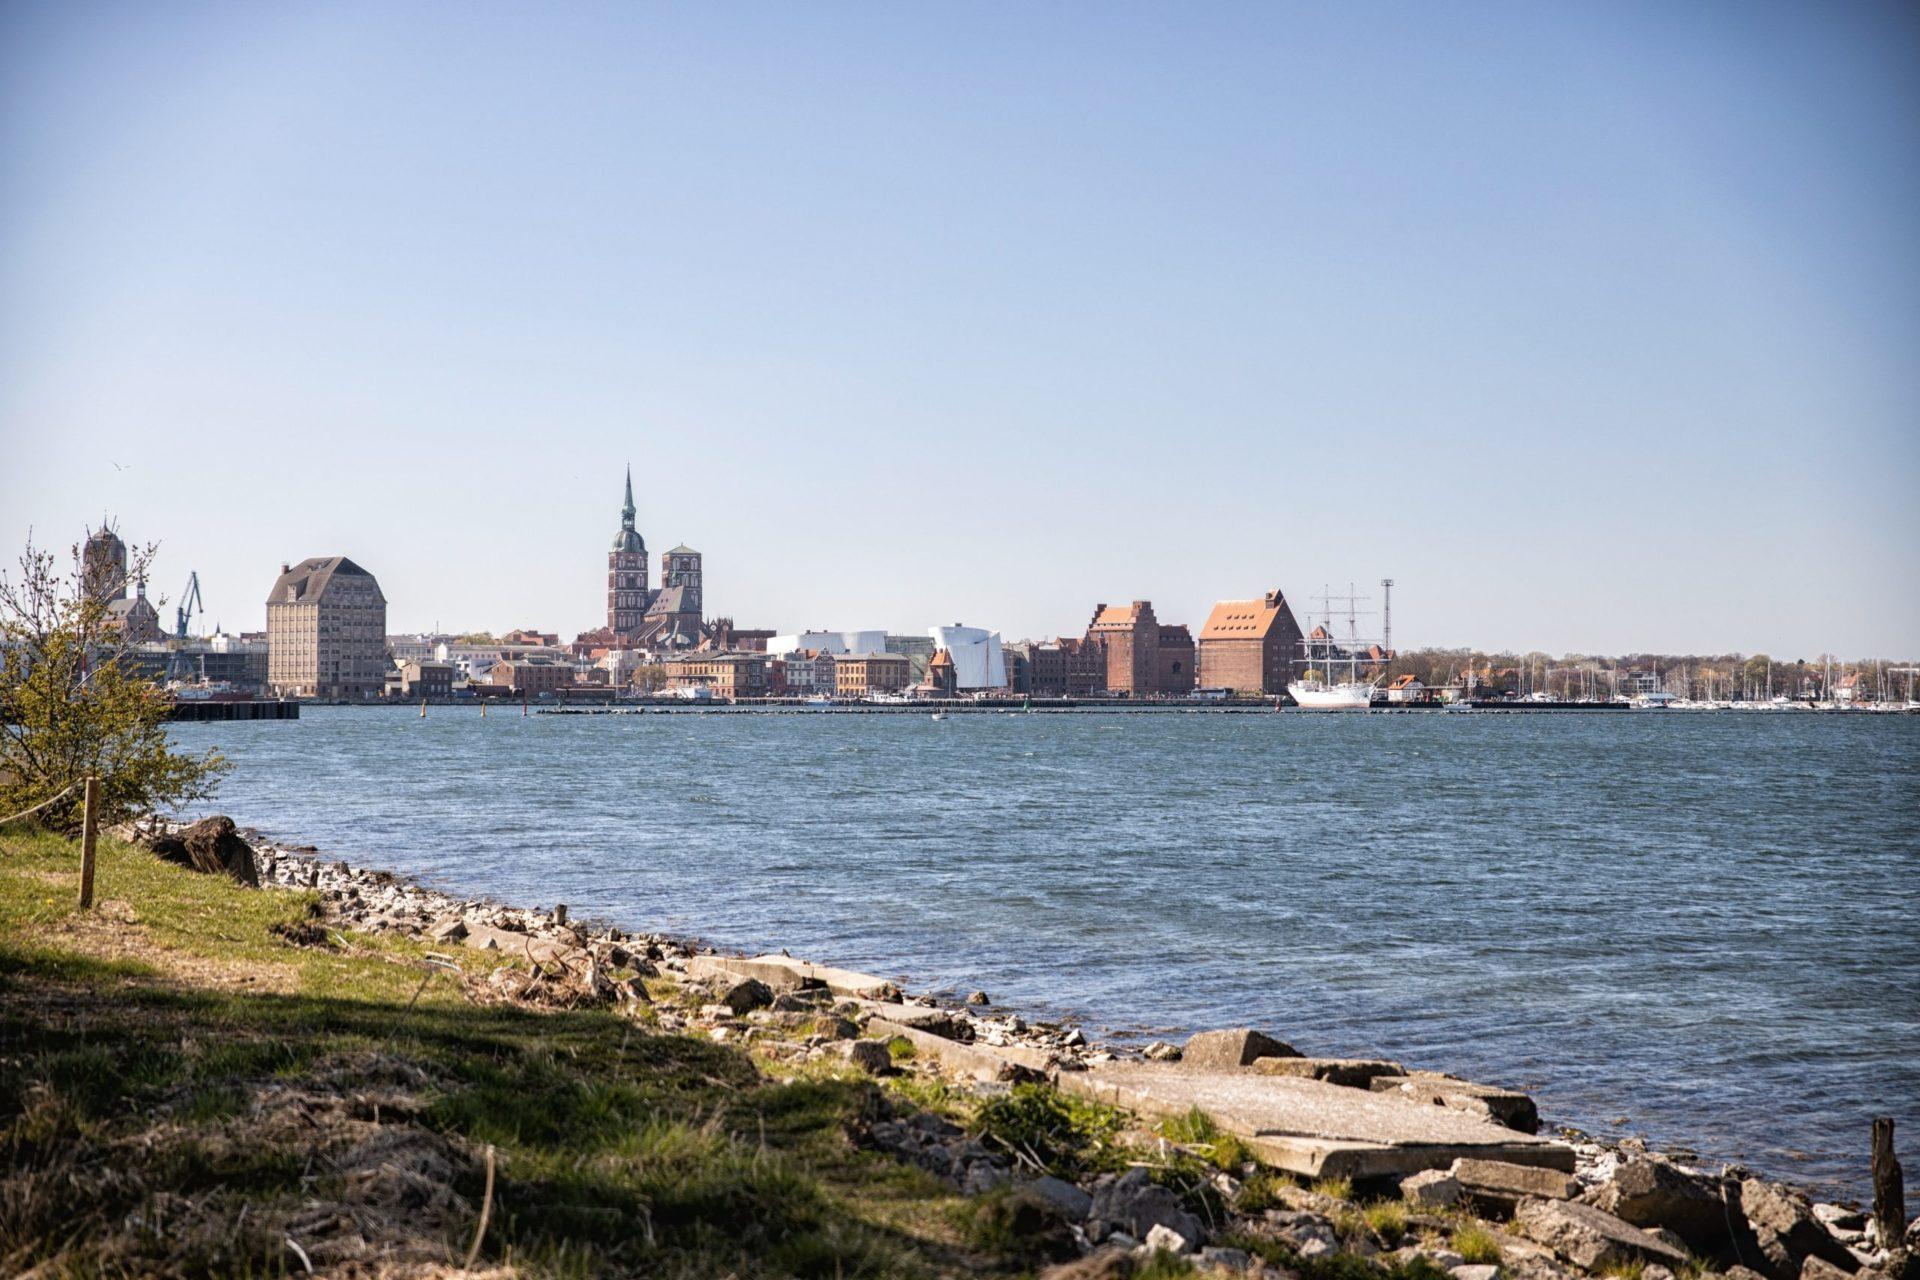 Wassertemperatur Stralsund: Blick über den Strelasund auf die Skyline von Stralsund mit Meeresmuseum Ozeaneum im Zentrum des Bildes